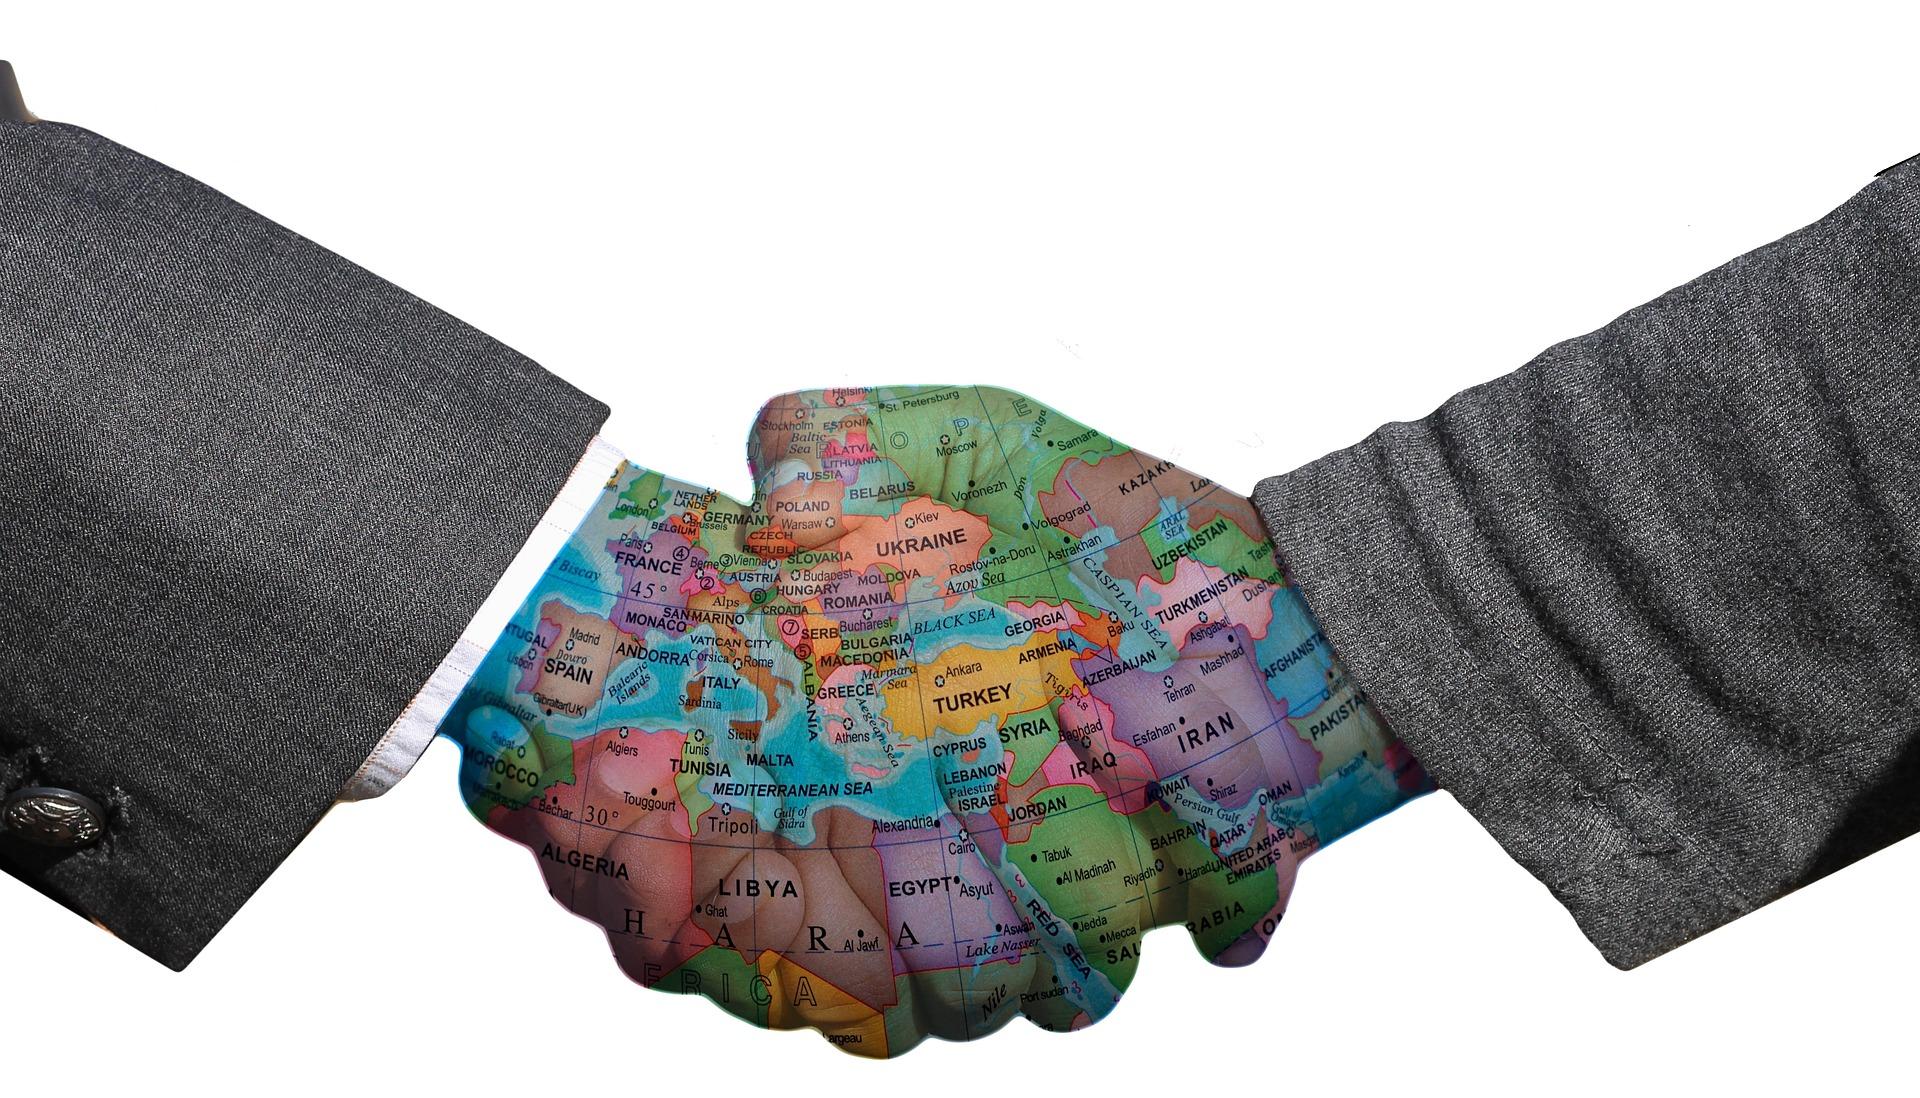 Coopération au développement : l'Europe est importante dans ce secteur